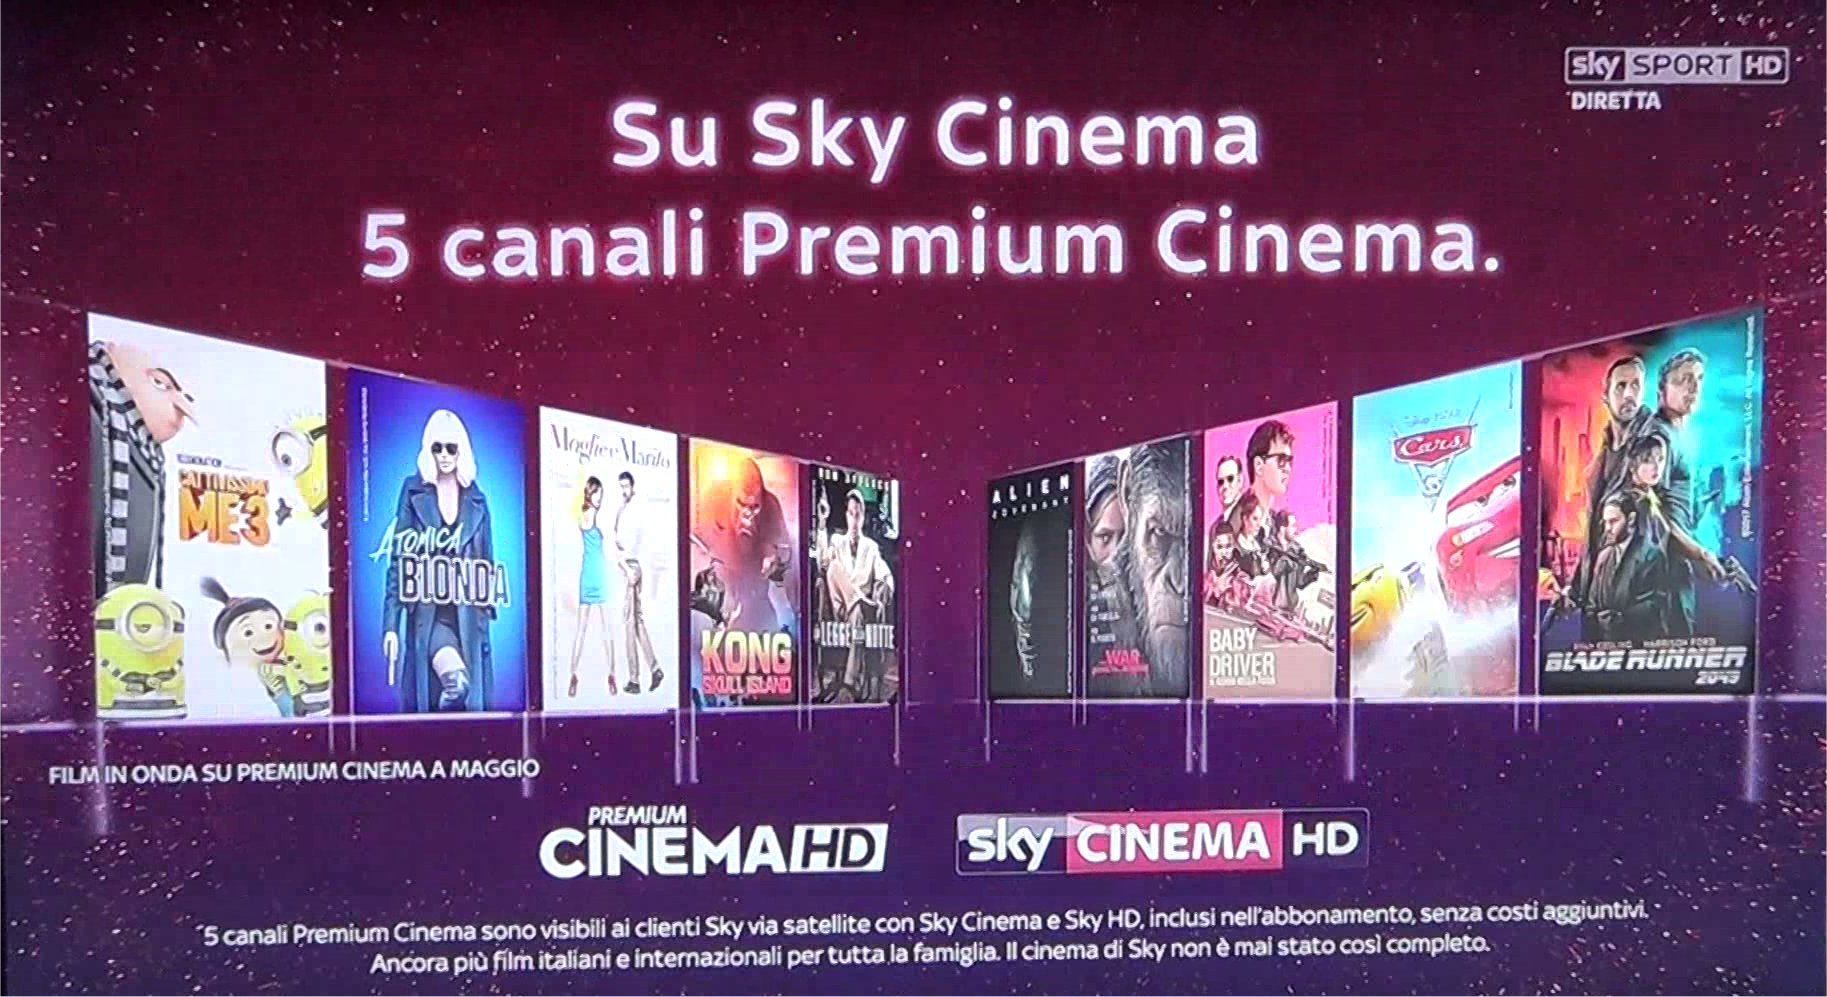 Digitalia rivede offerta commerciale dei canali Premium Cinema e Serie